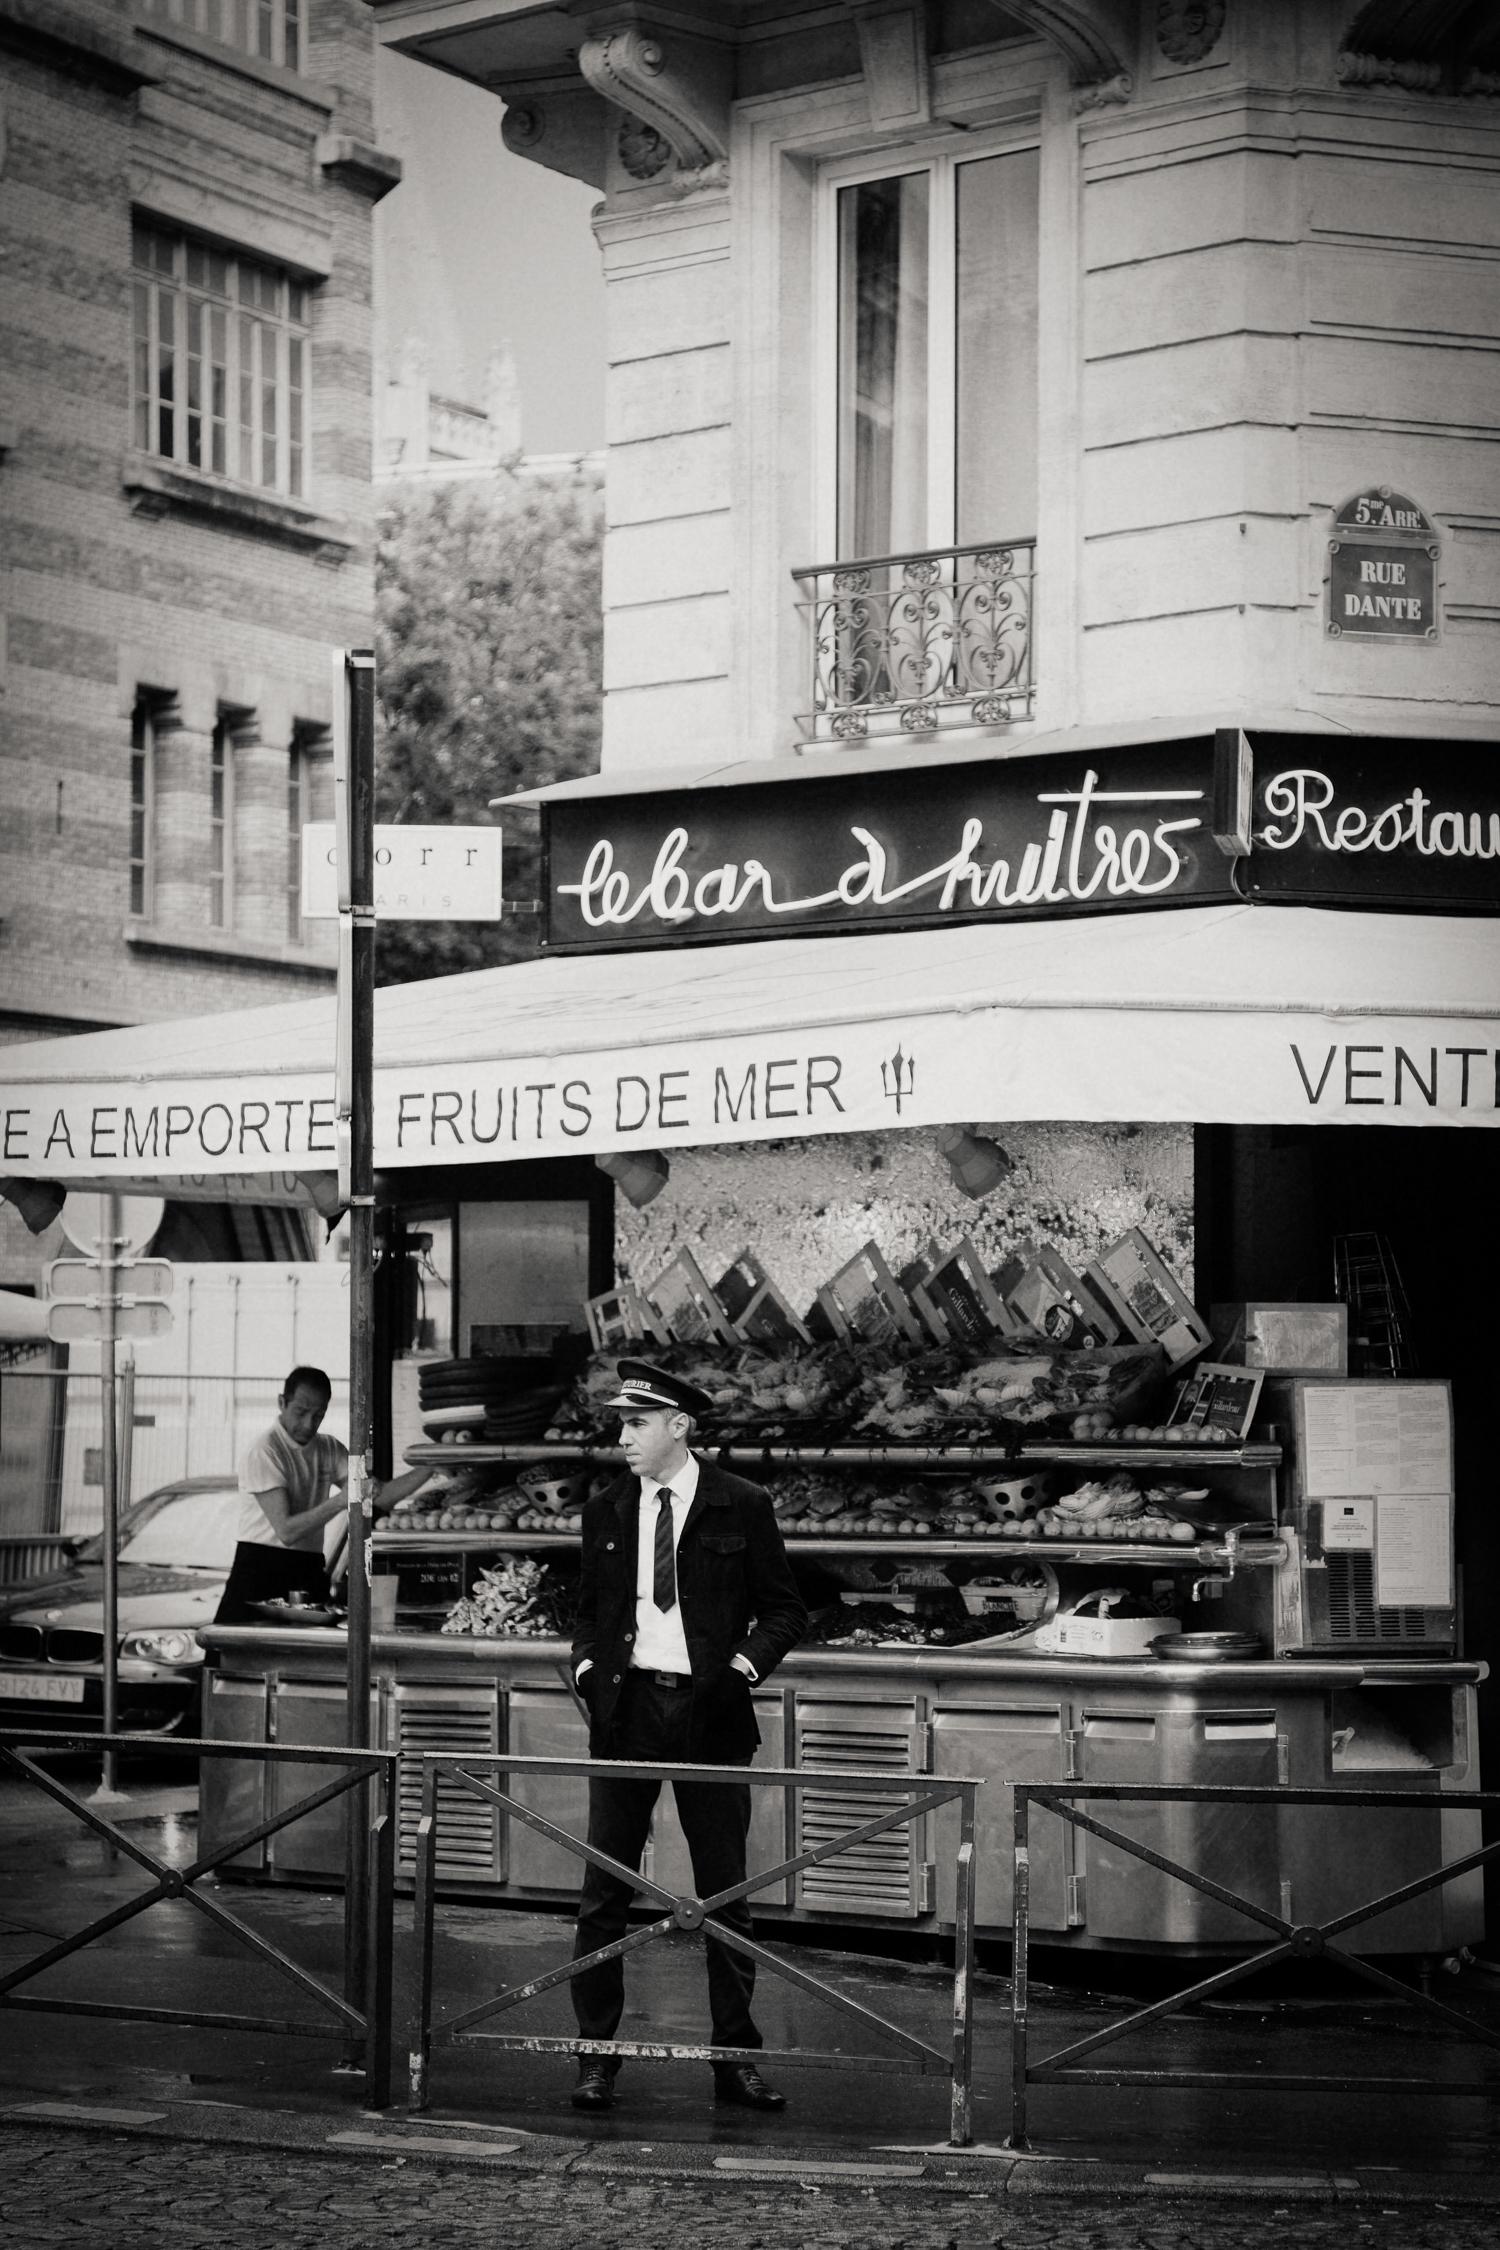 doorman, Paris 2014.